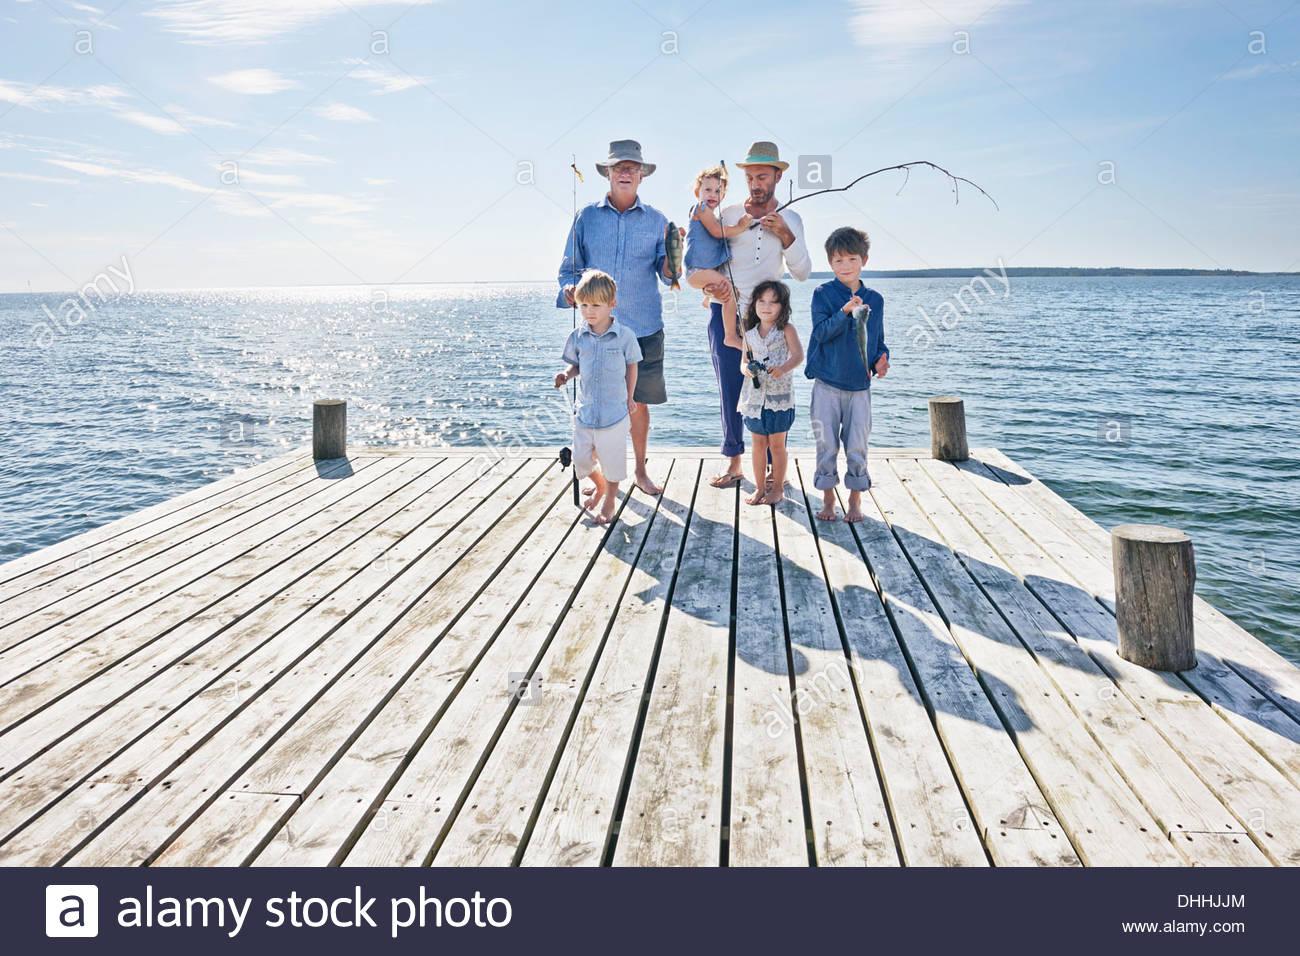 Family sur voyage de pêche, Utvalnas, Suède Photo Stock